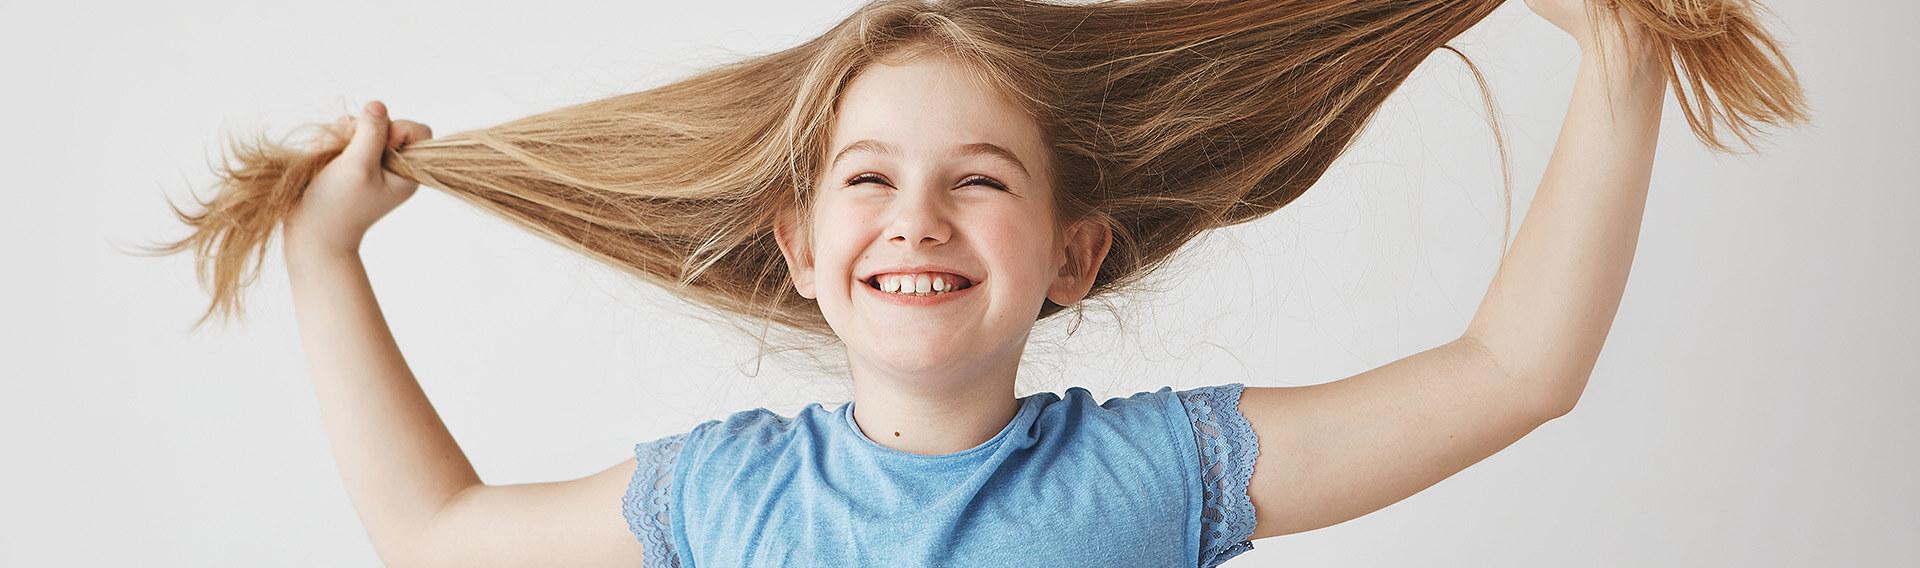 Lose Zahnspangen -Kieferorthopädie für Kinder & Jugendliche